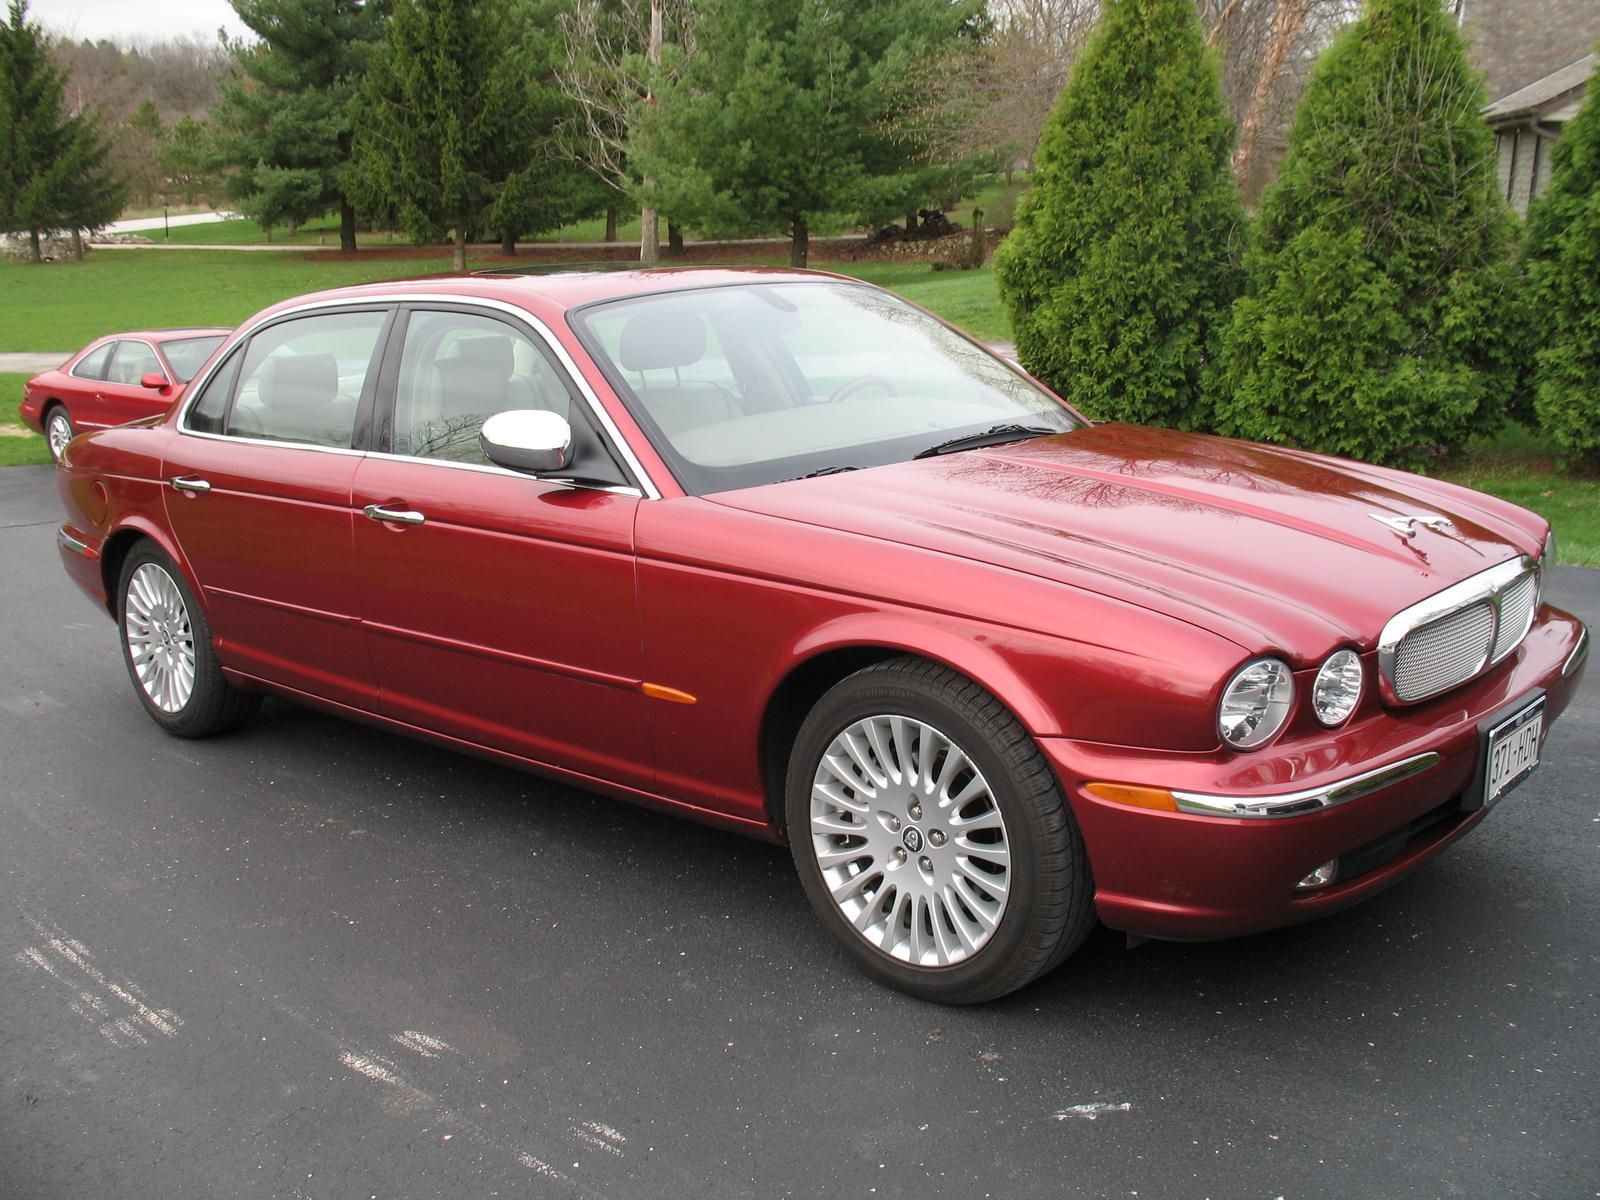 1996 Jaguar Xj Series Information And Photos Zombiedrive Xj6 Vanden Plas 10